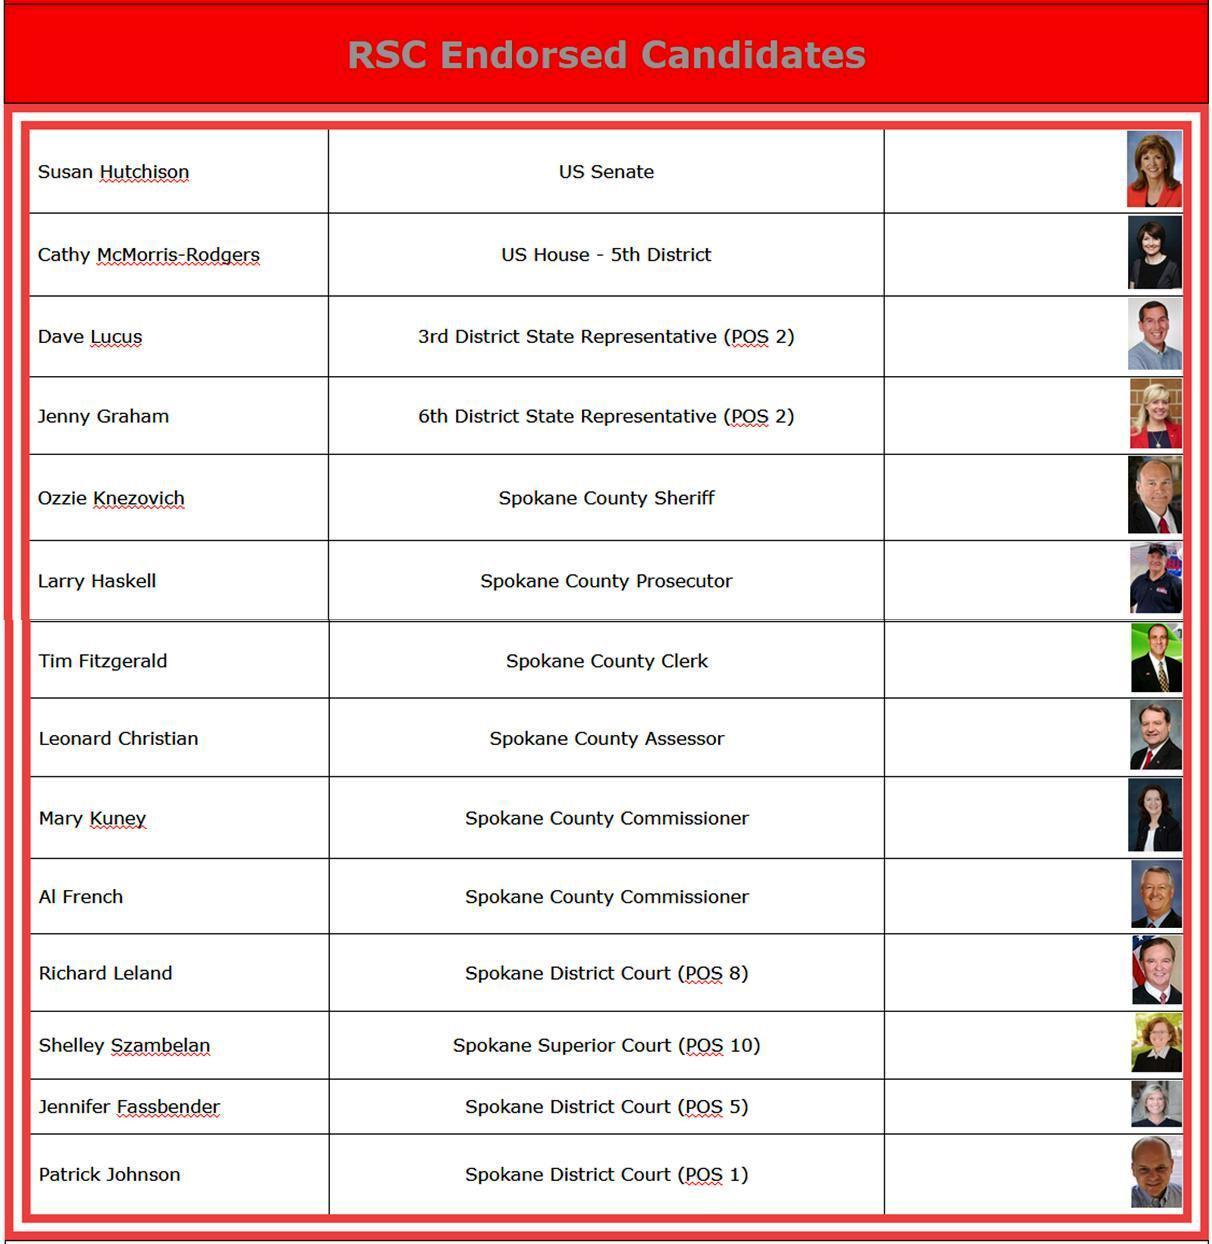 RSC Endorsed Candidates